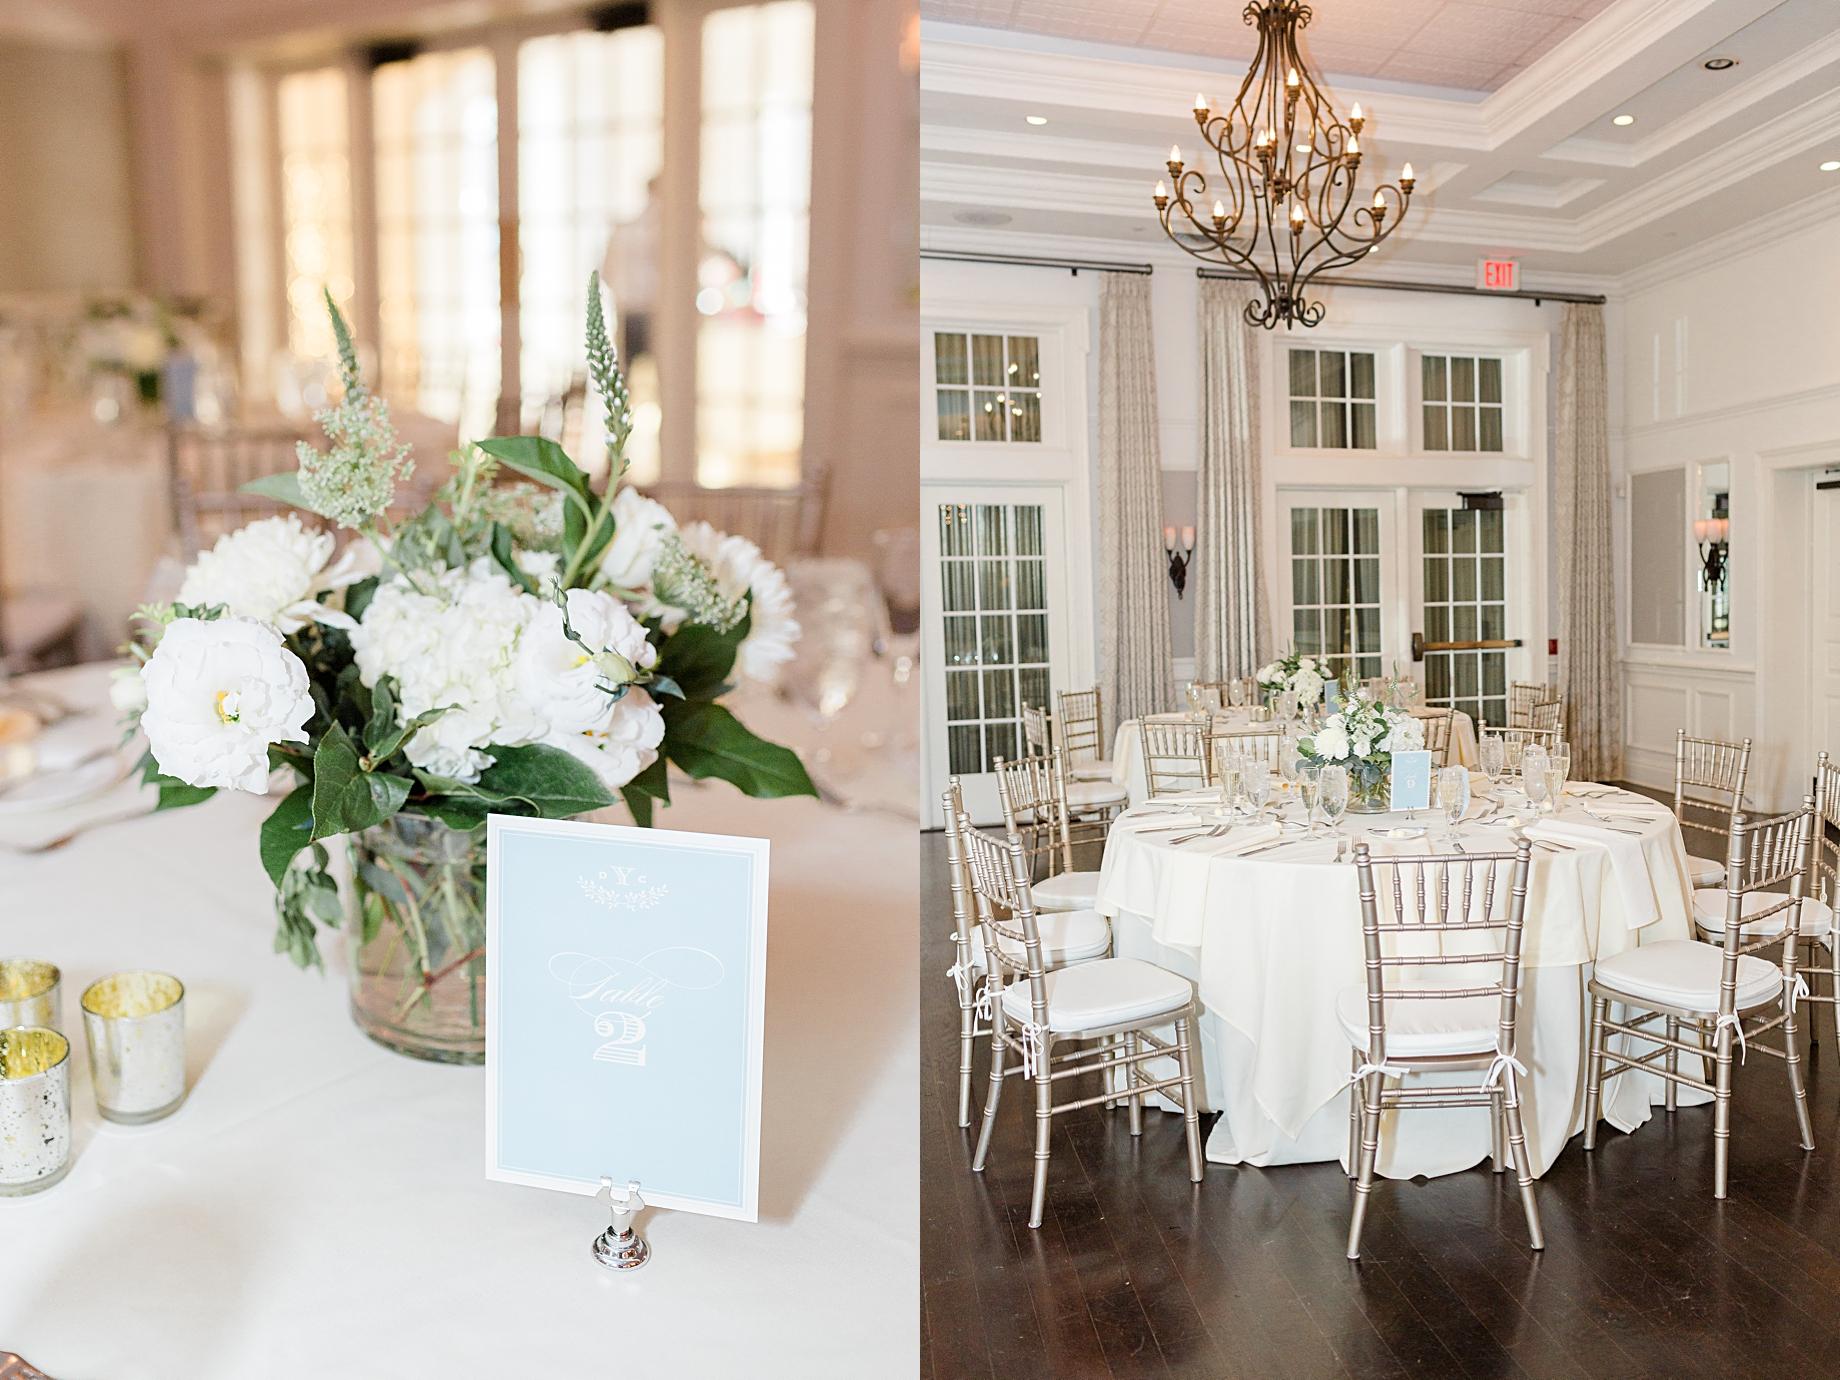 French Creek Golf Club Wedding Reception | Flowers by Blue Moon Florist